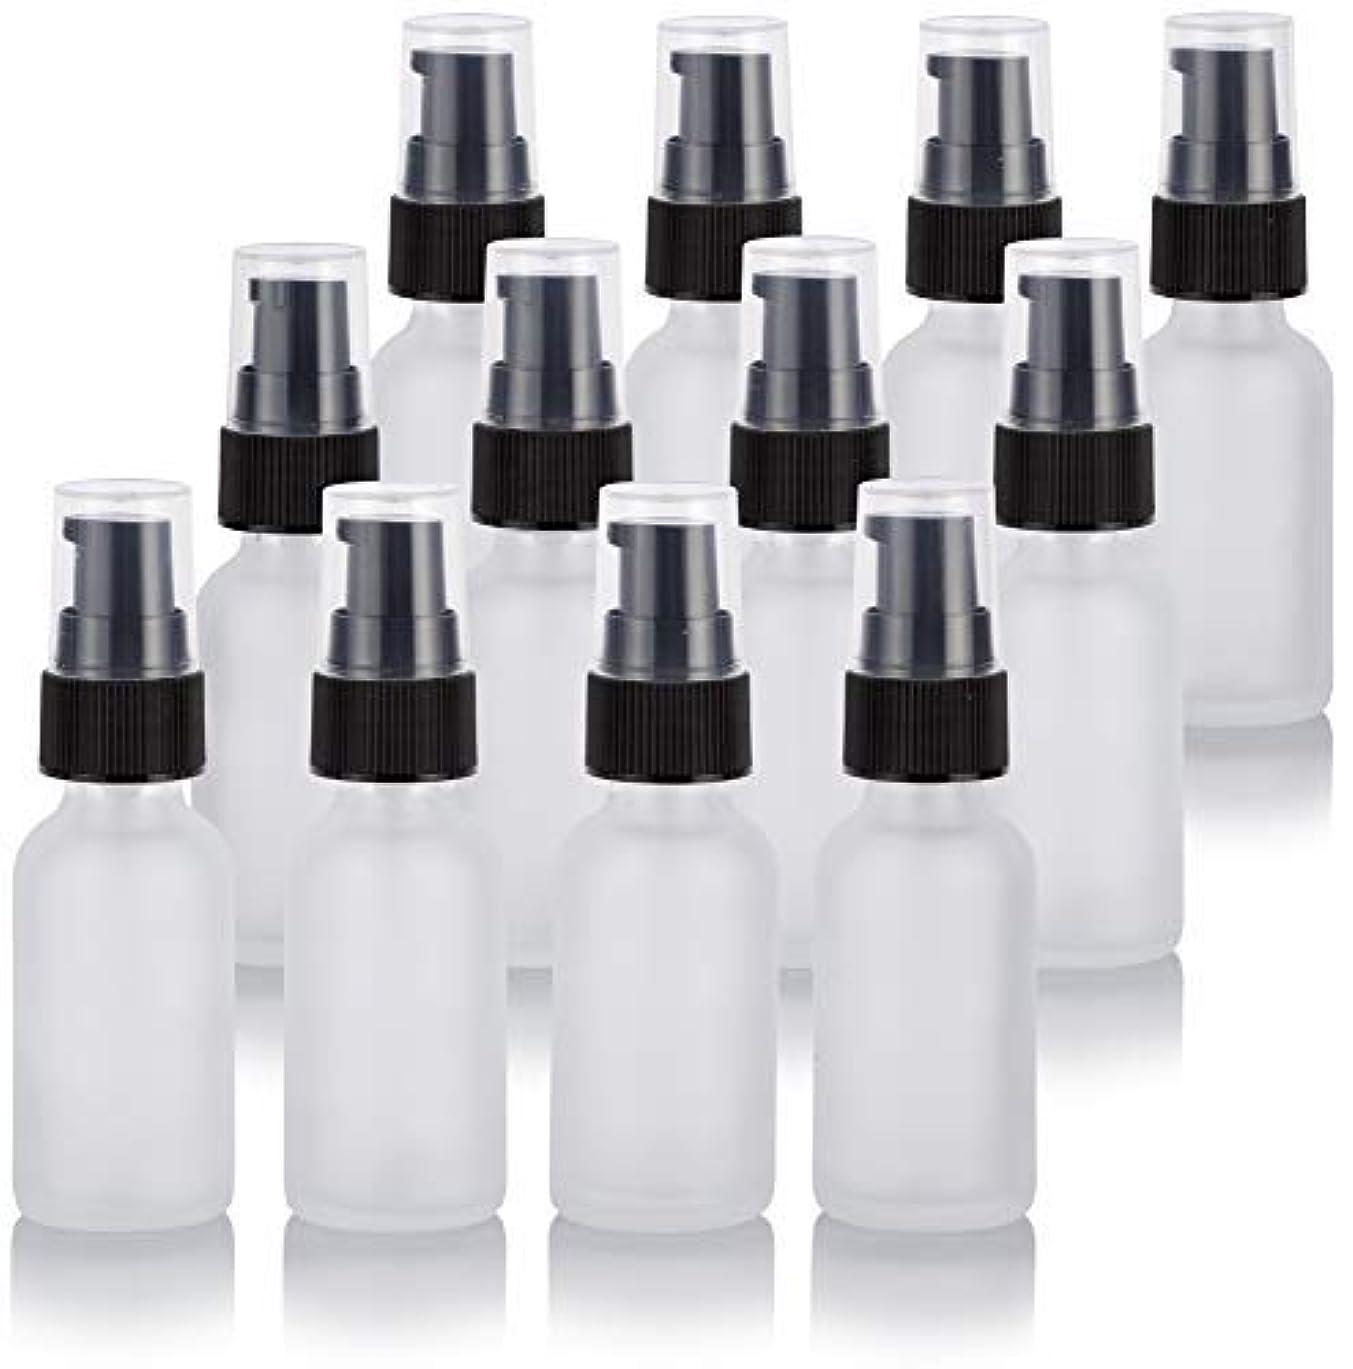 ごめんなさい失望させるバンカー1 oz Frosted Clear Glass Boston Round Treatment Pump Bottle (12 Pack) + Funnel for Cosmetics, serums, Essential...